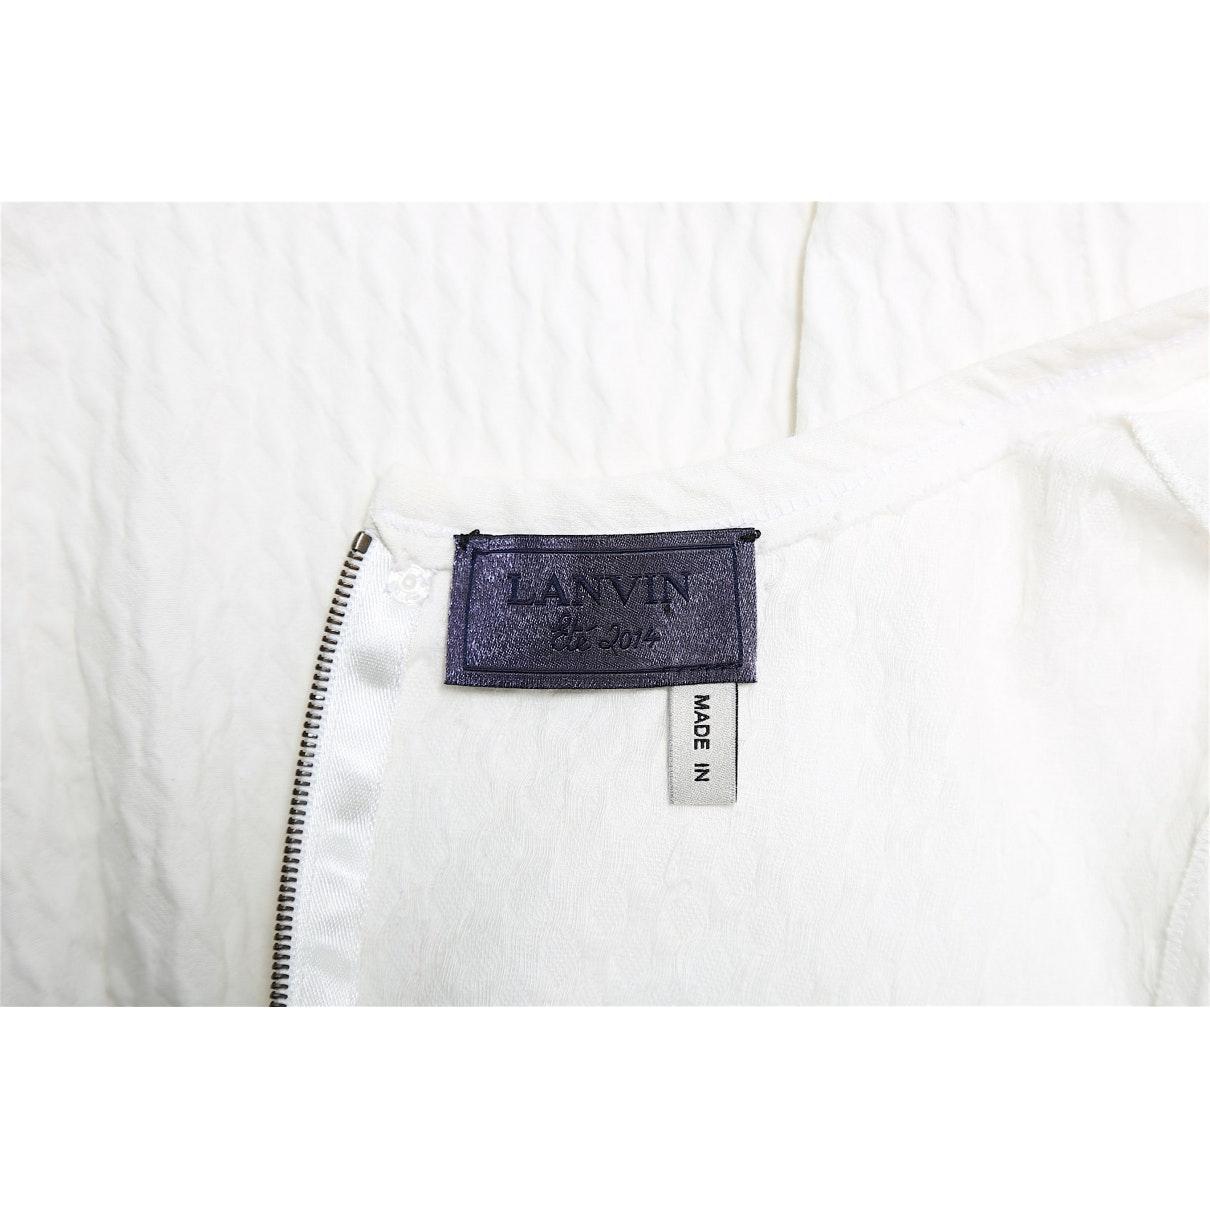 Vestido en algodón blanco Lanvin de Algodón de color Blanco